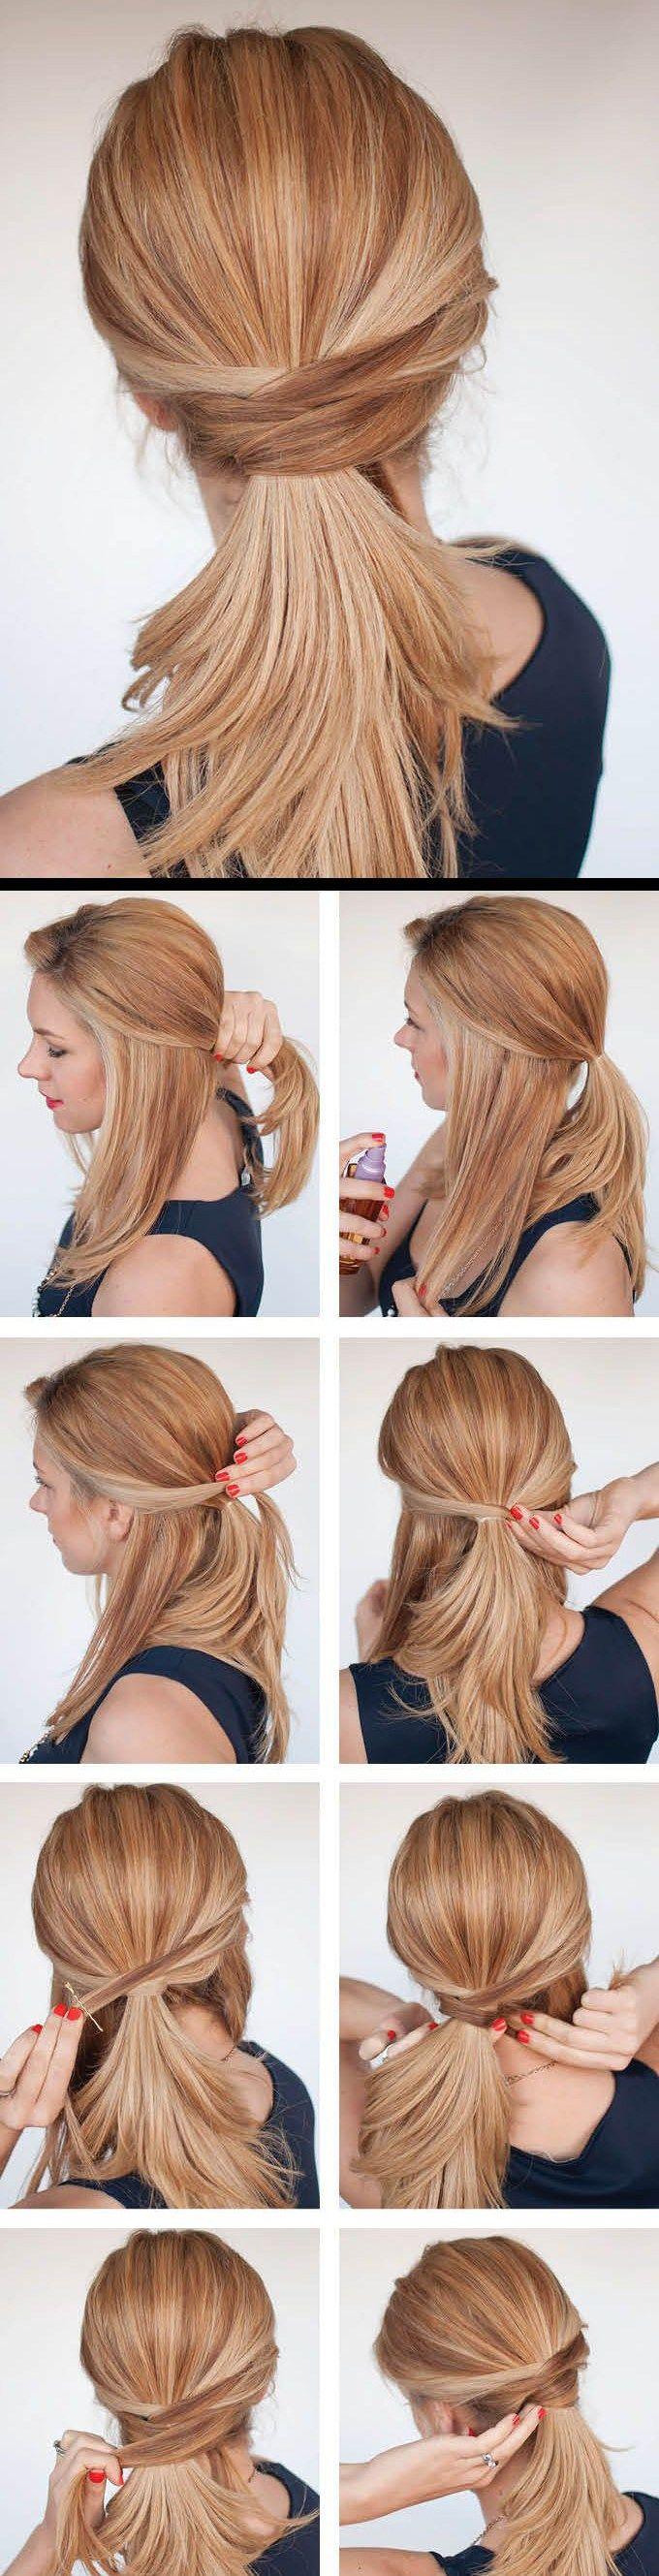 best 25+ flight attendant hair ideas on pinterest | easy updo for